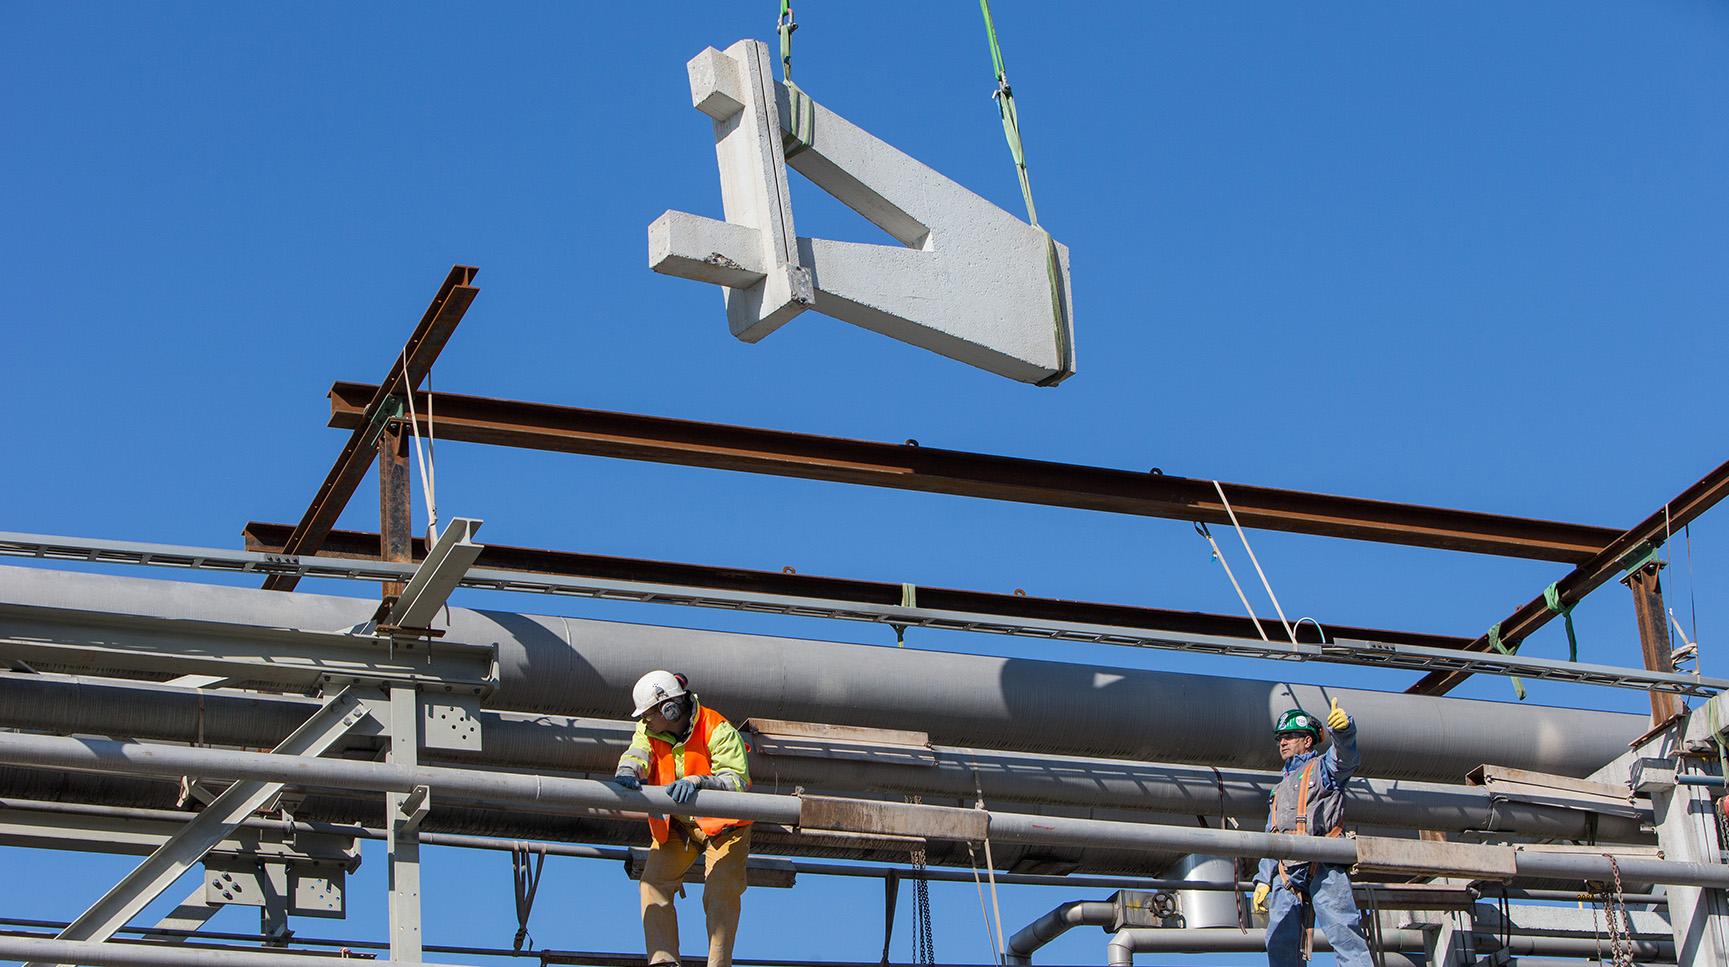 Teilrückbau Rohrbrücke: Ein geschnittenes Bauteil wird ausgeschwenkt